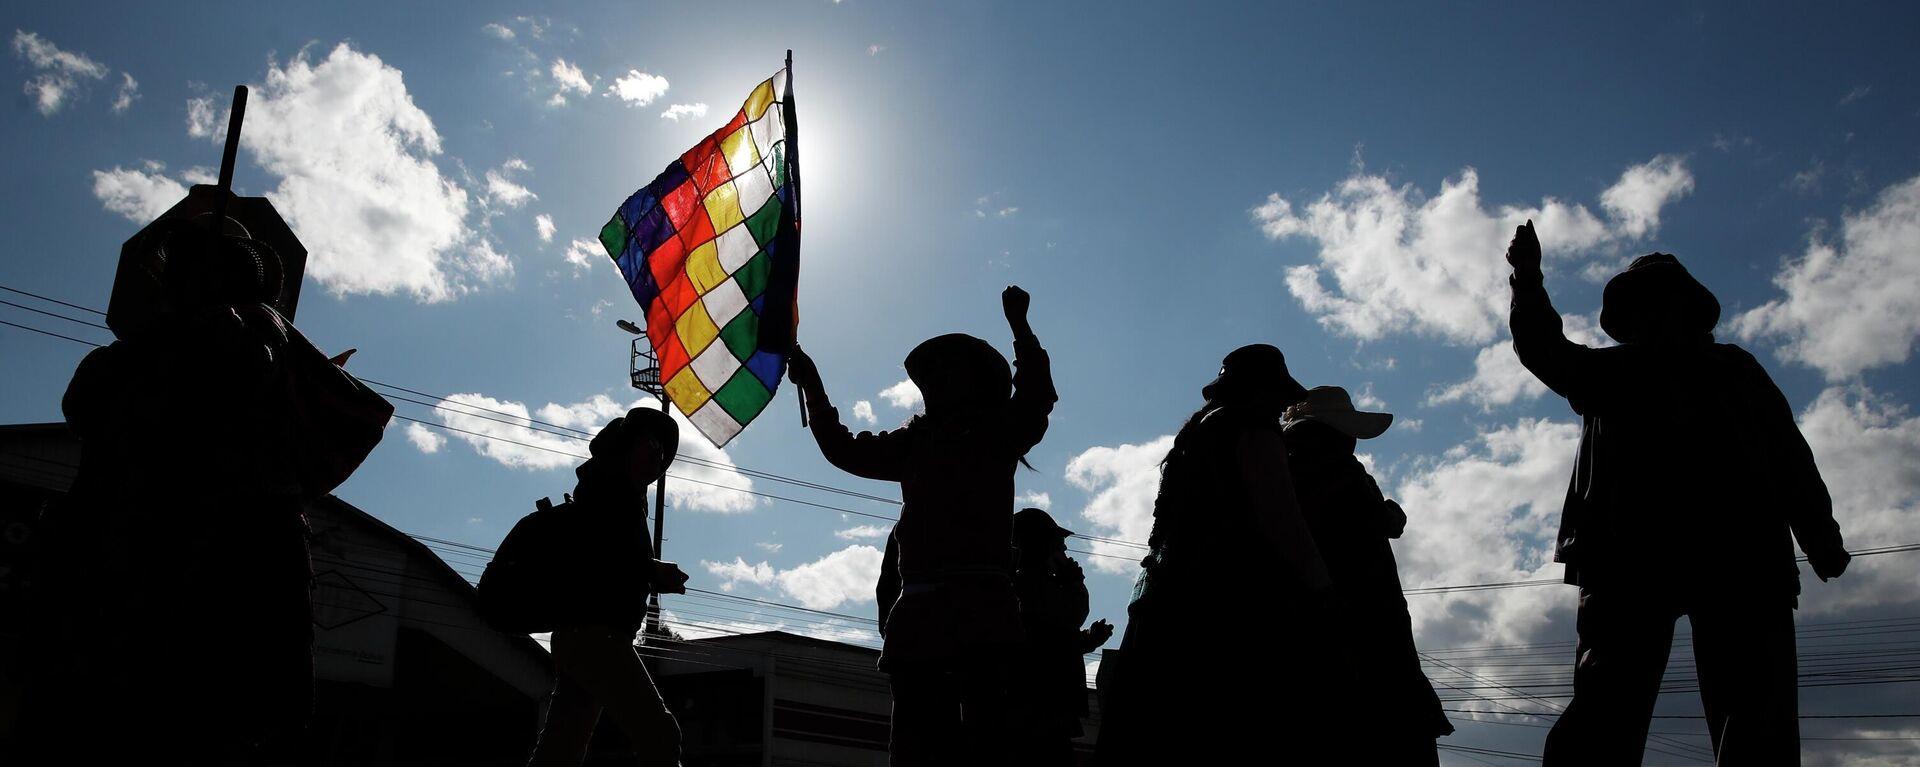 Partidarios del expresidente Evo Morales ondean una bandera de Whipala  - Sputnik Mundo, 1920, 12.10.2021